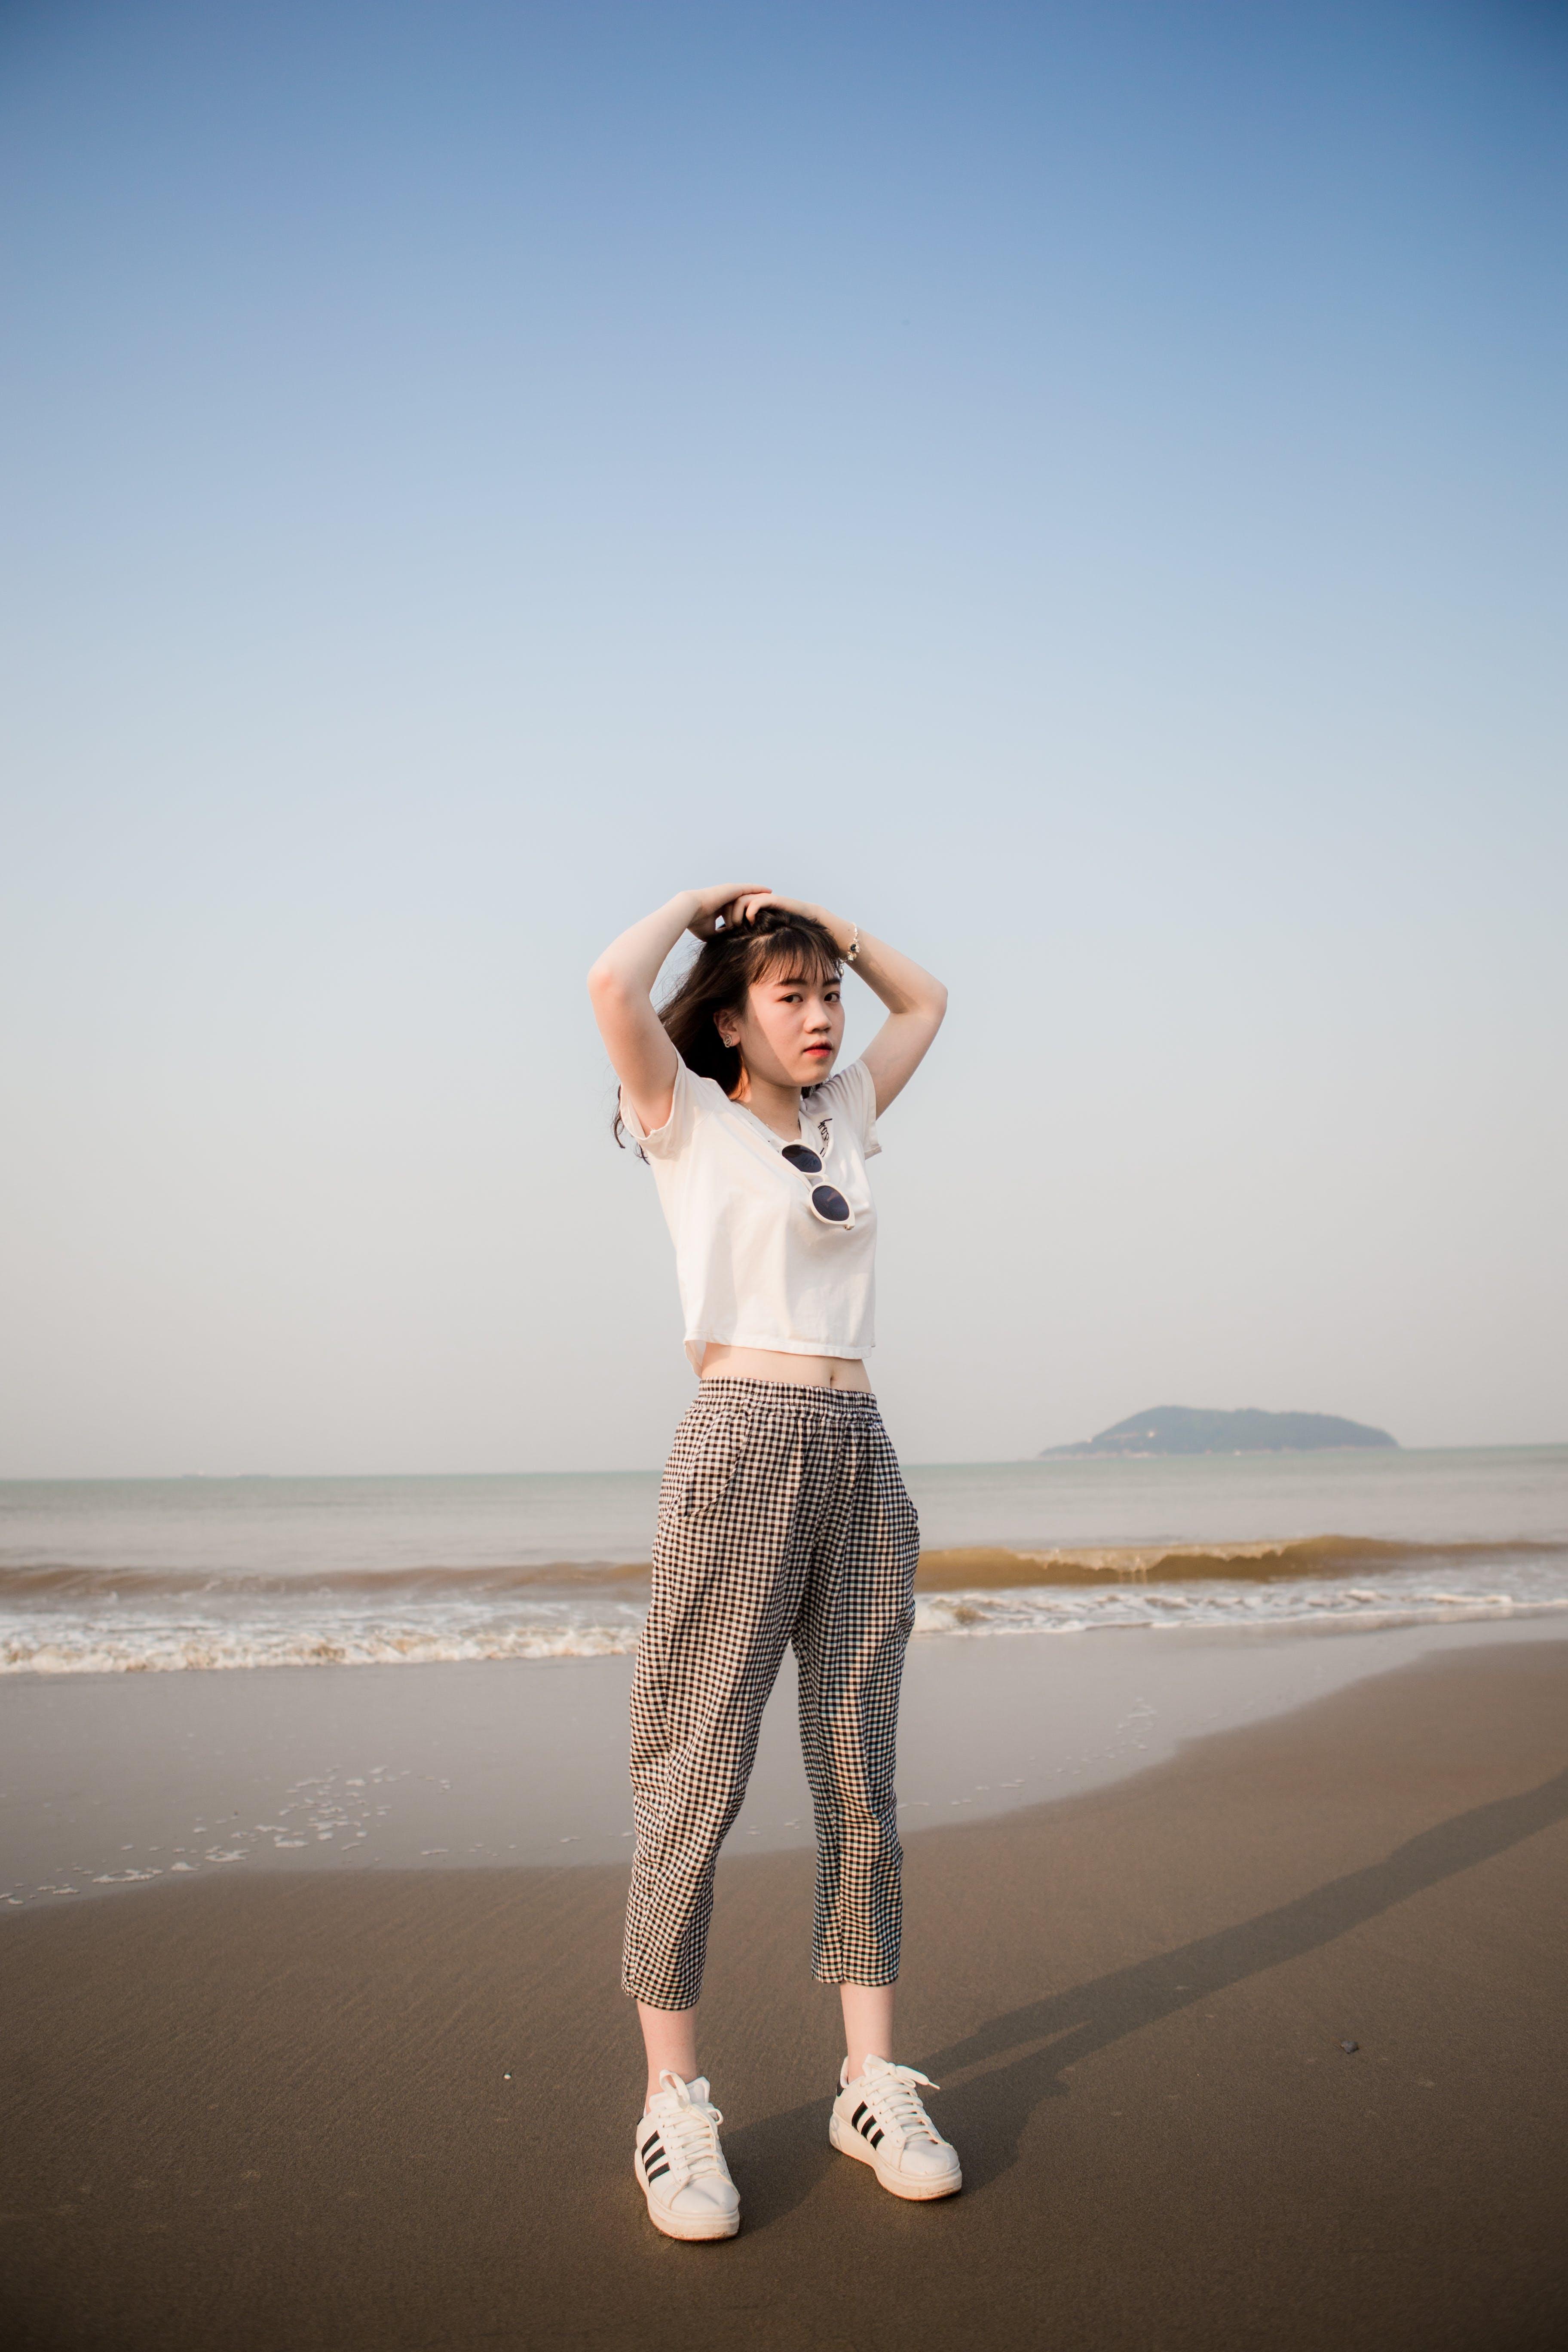 Δωρεάν στοκ φωτογραφιών με άμμος, άνθρωπος, ασιατικό κορίτσι, ασιάτισσα